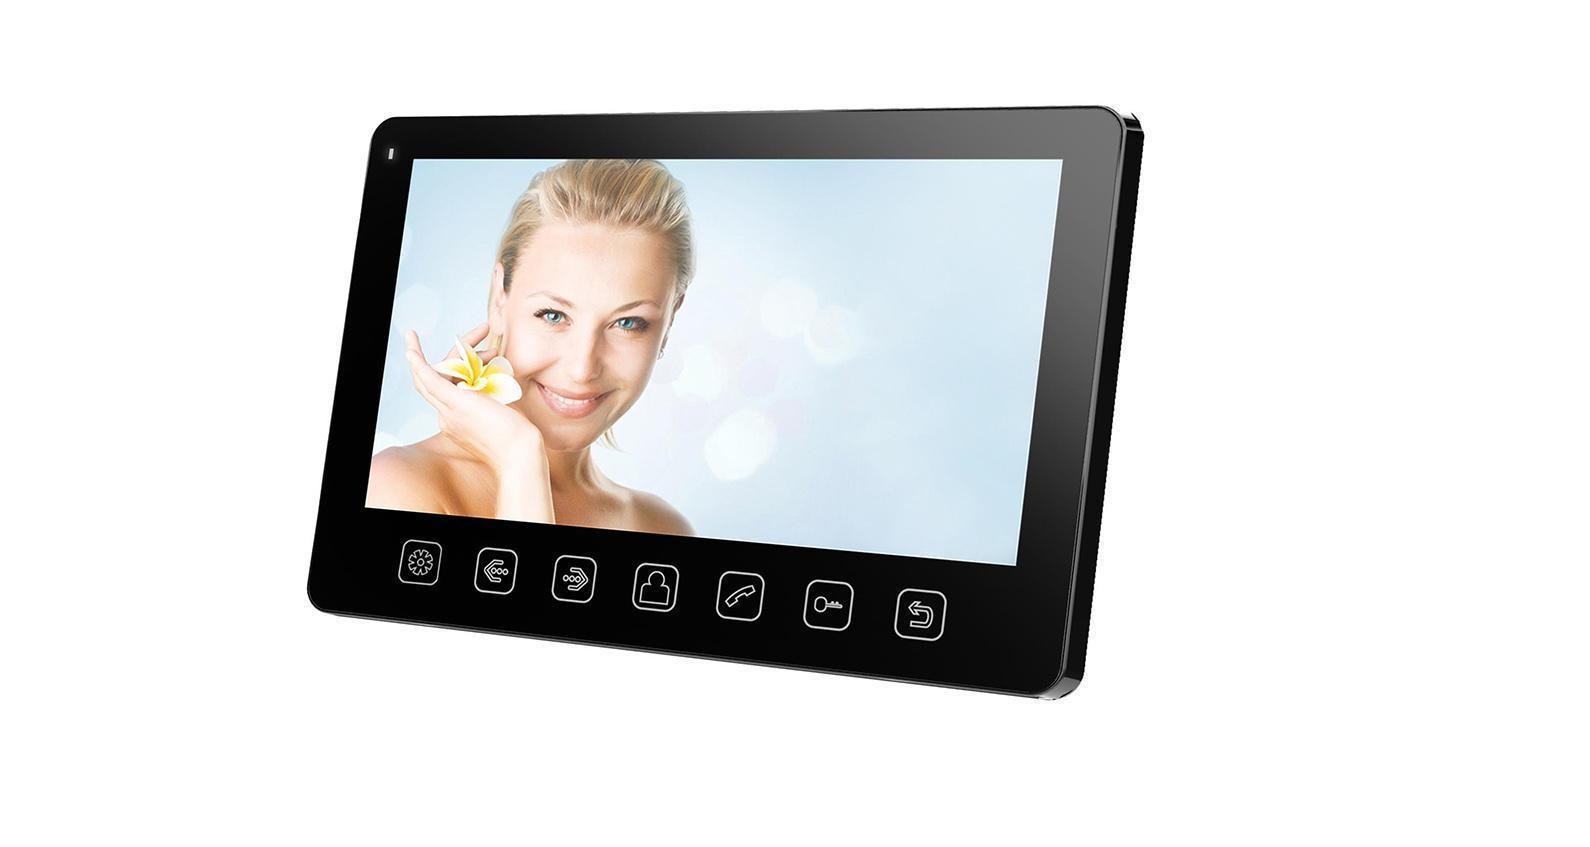 Tantos Amelie Slim, Black монитор видеодомофона00-00016196Монитор видеодомофона Tantos Amelie Slim. Дизайн монитора 7 дюймов прост и изящен, все управление осуществляется механическими кнопками. Возможность подключения 2-х вызывных панелей и 2-х видеокамер. Подключение до 4-м мониторов в одной системе с широкими возможностями адресного интеркома. Возможность работы как в индивидуальном, так и в многоквартирном режиме. Совместимость с большинством моделей отечественных вызывных панелей. Толщина корпуса 17 мм, выносной адаптер питания с возможностью установки в стеновую монтажную коробку (подрозетник) Д60мм.